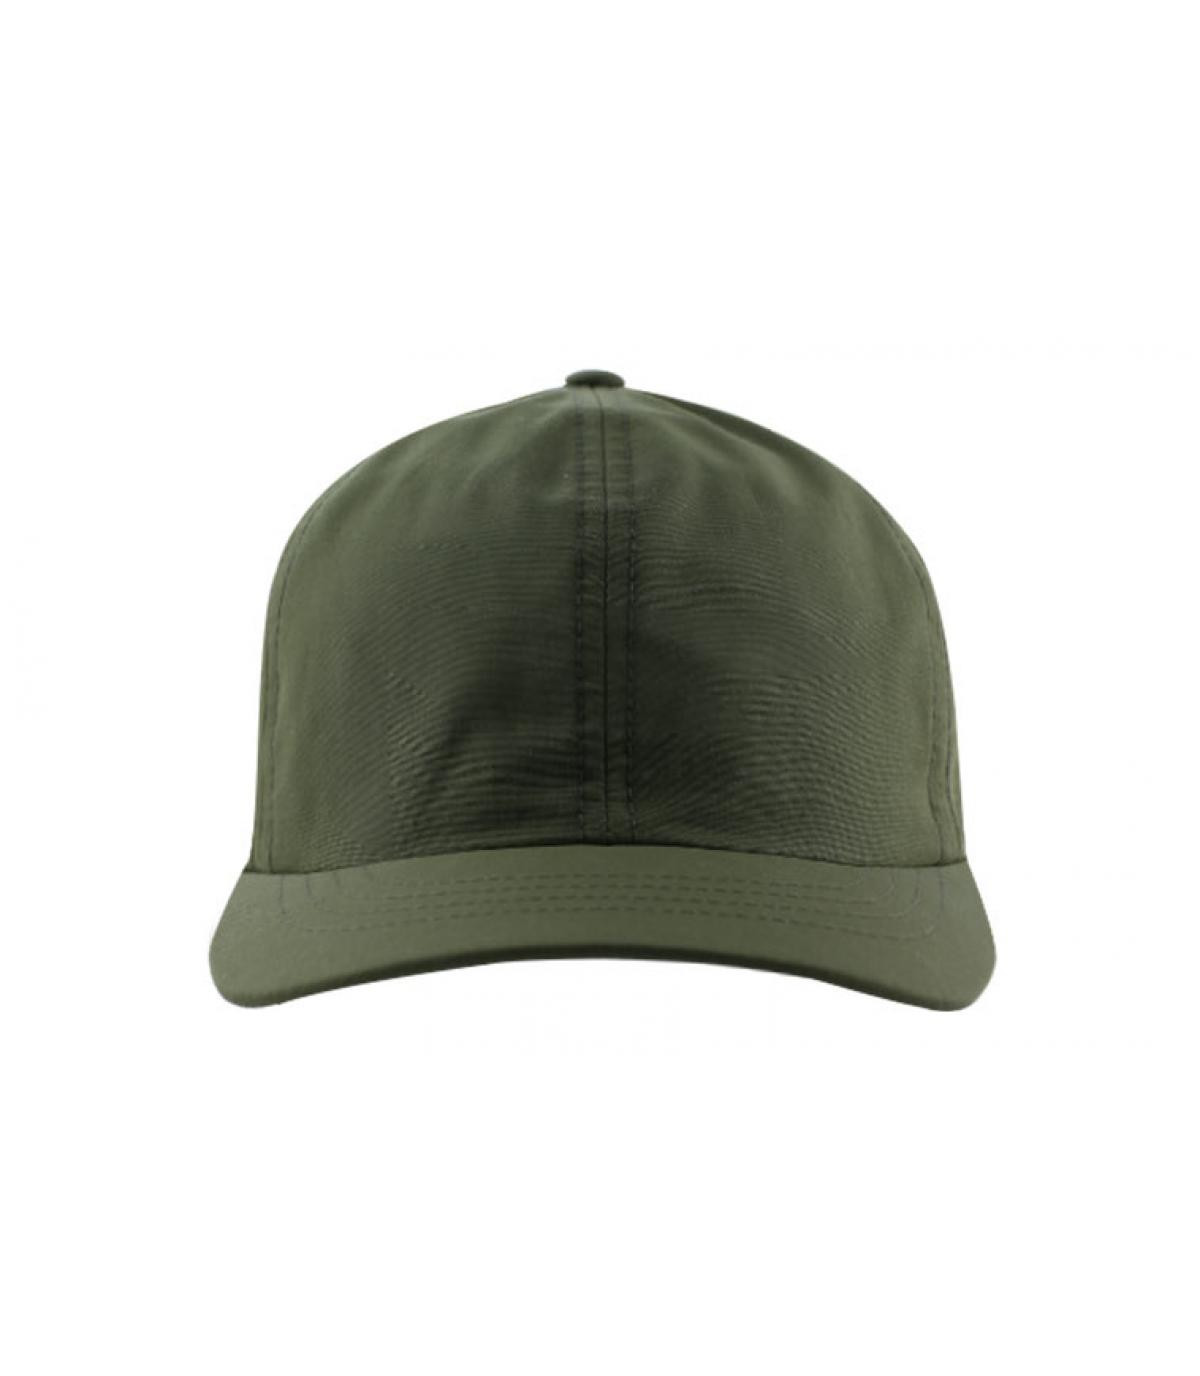 curva tappo olive green